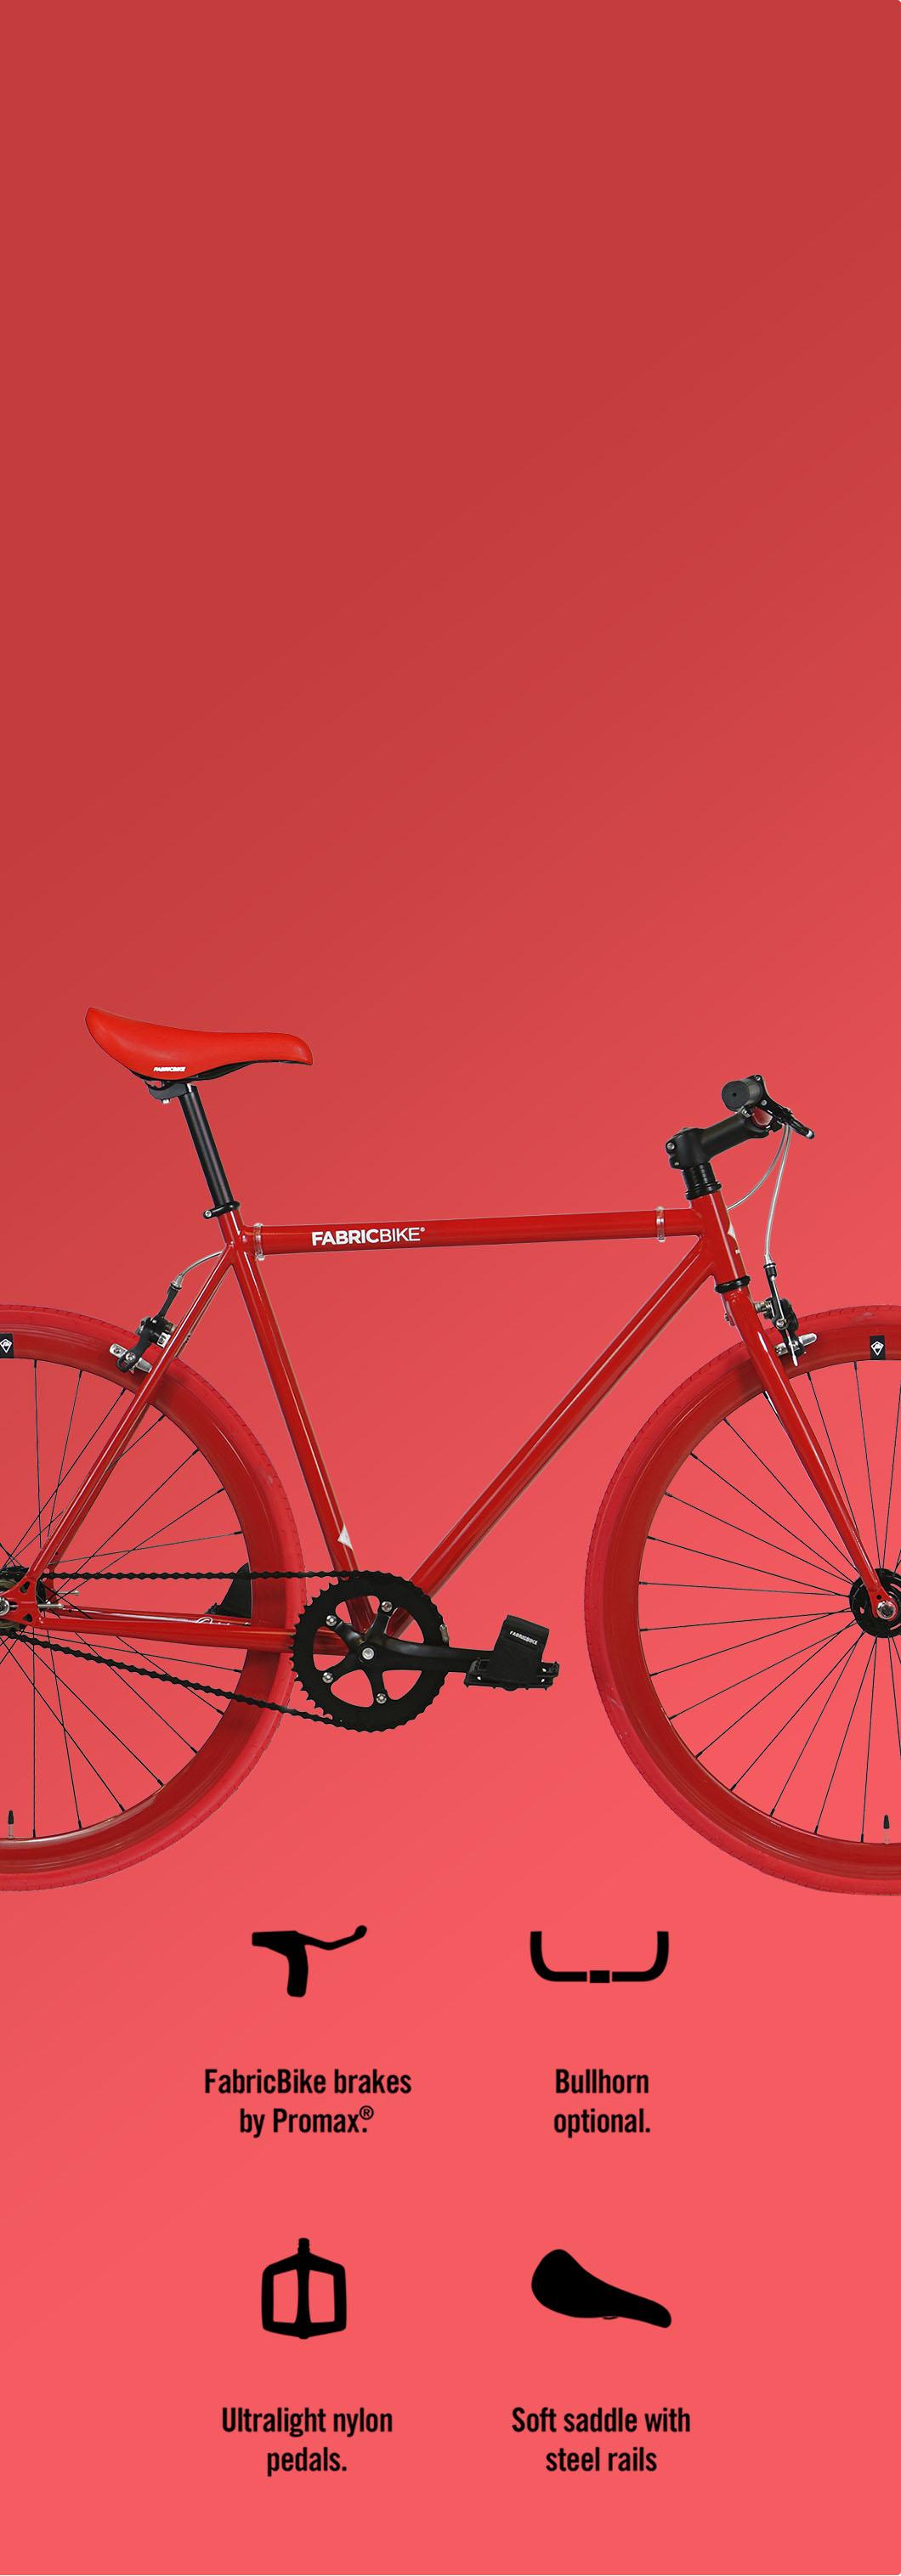 Customize your fixie bike